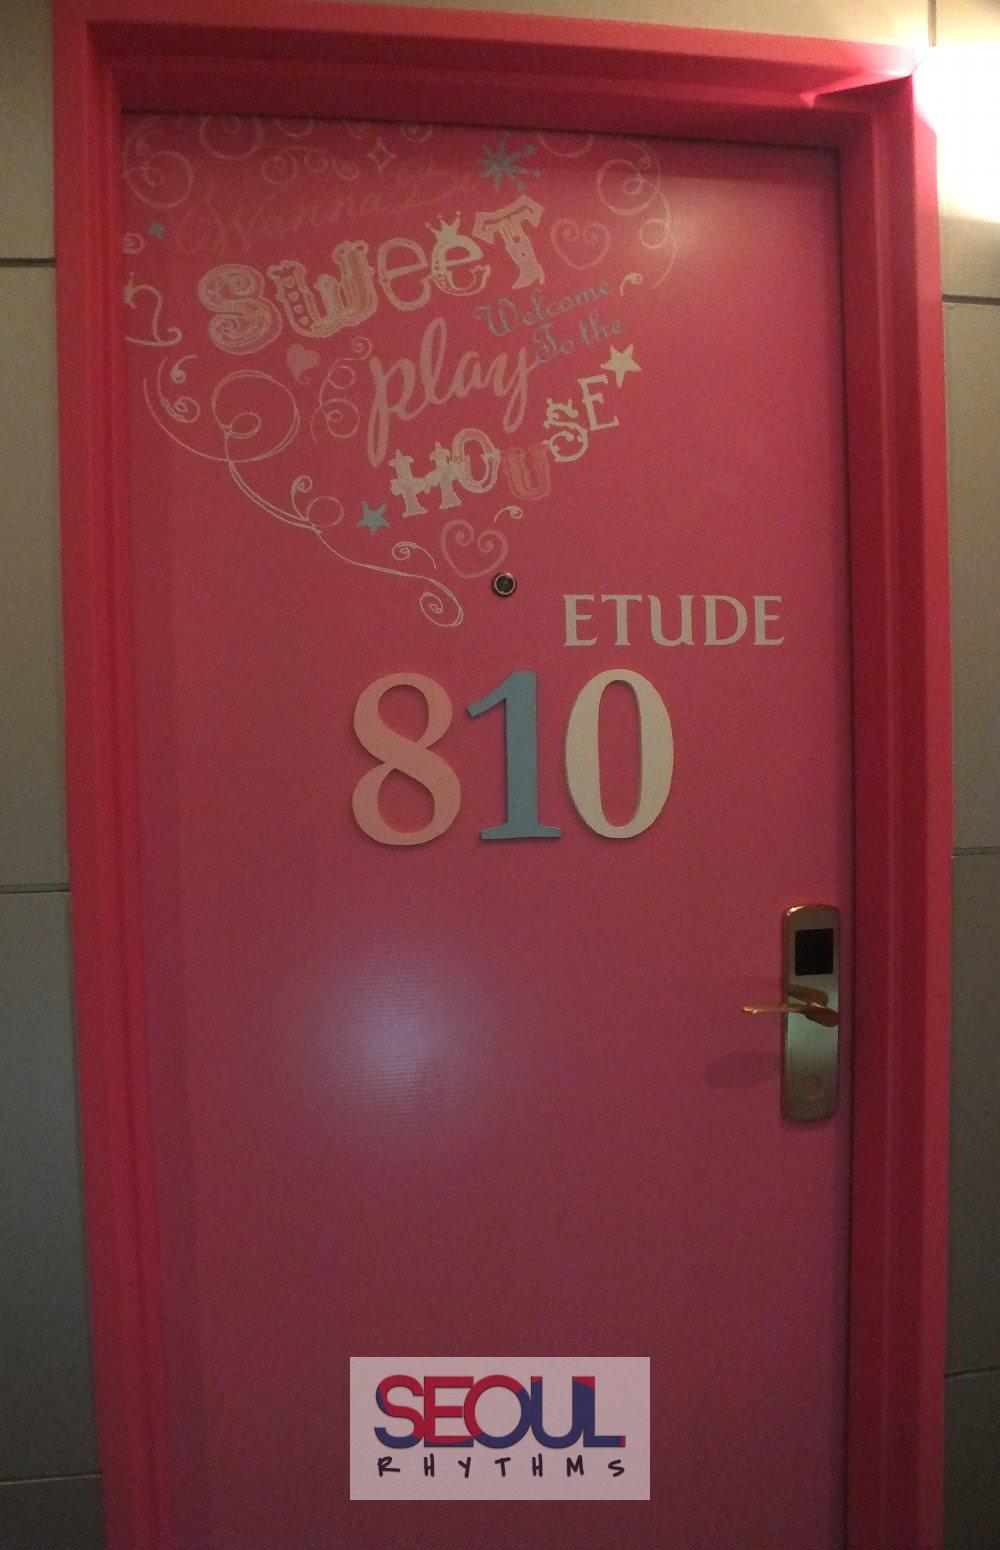 Skypark III, Seoul, Etude room